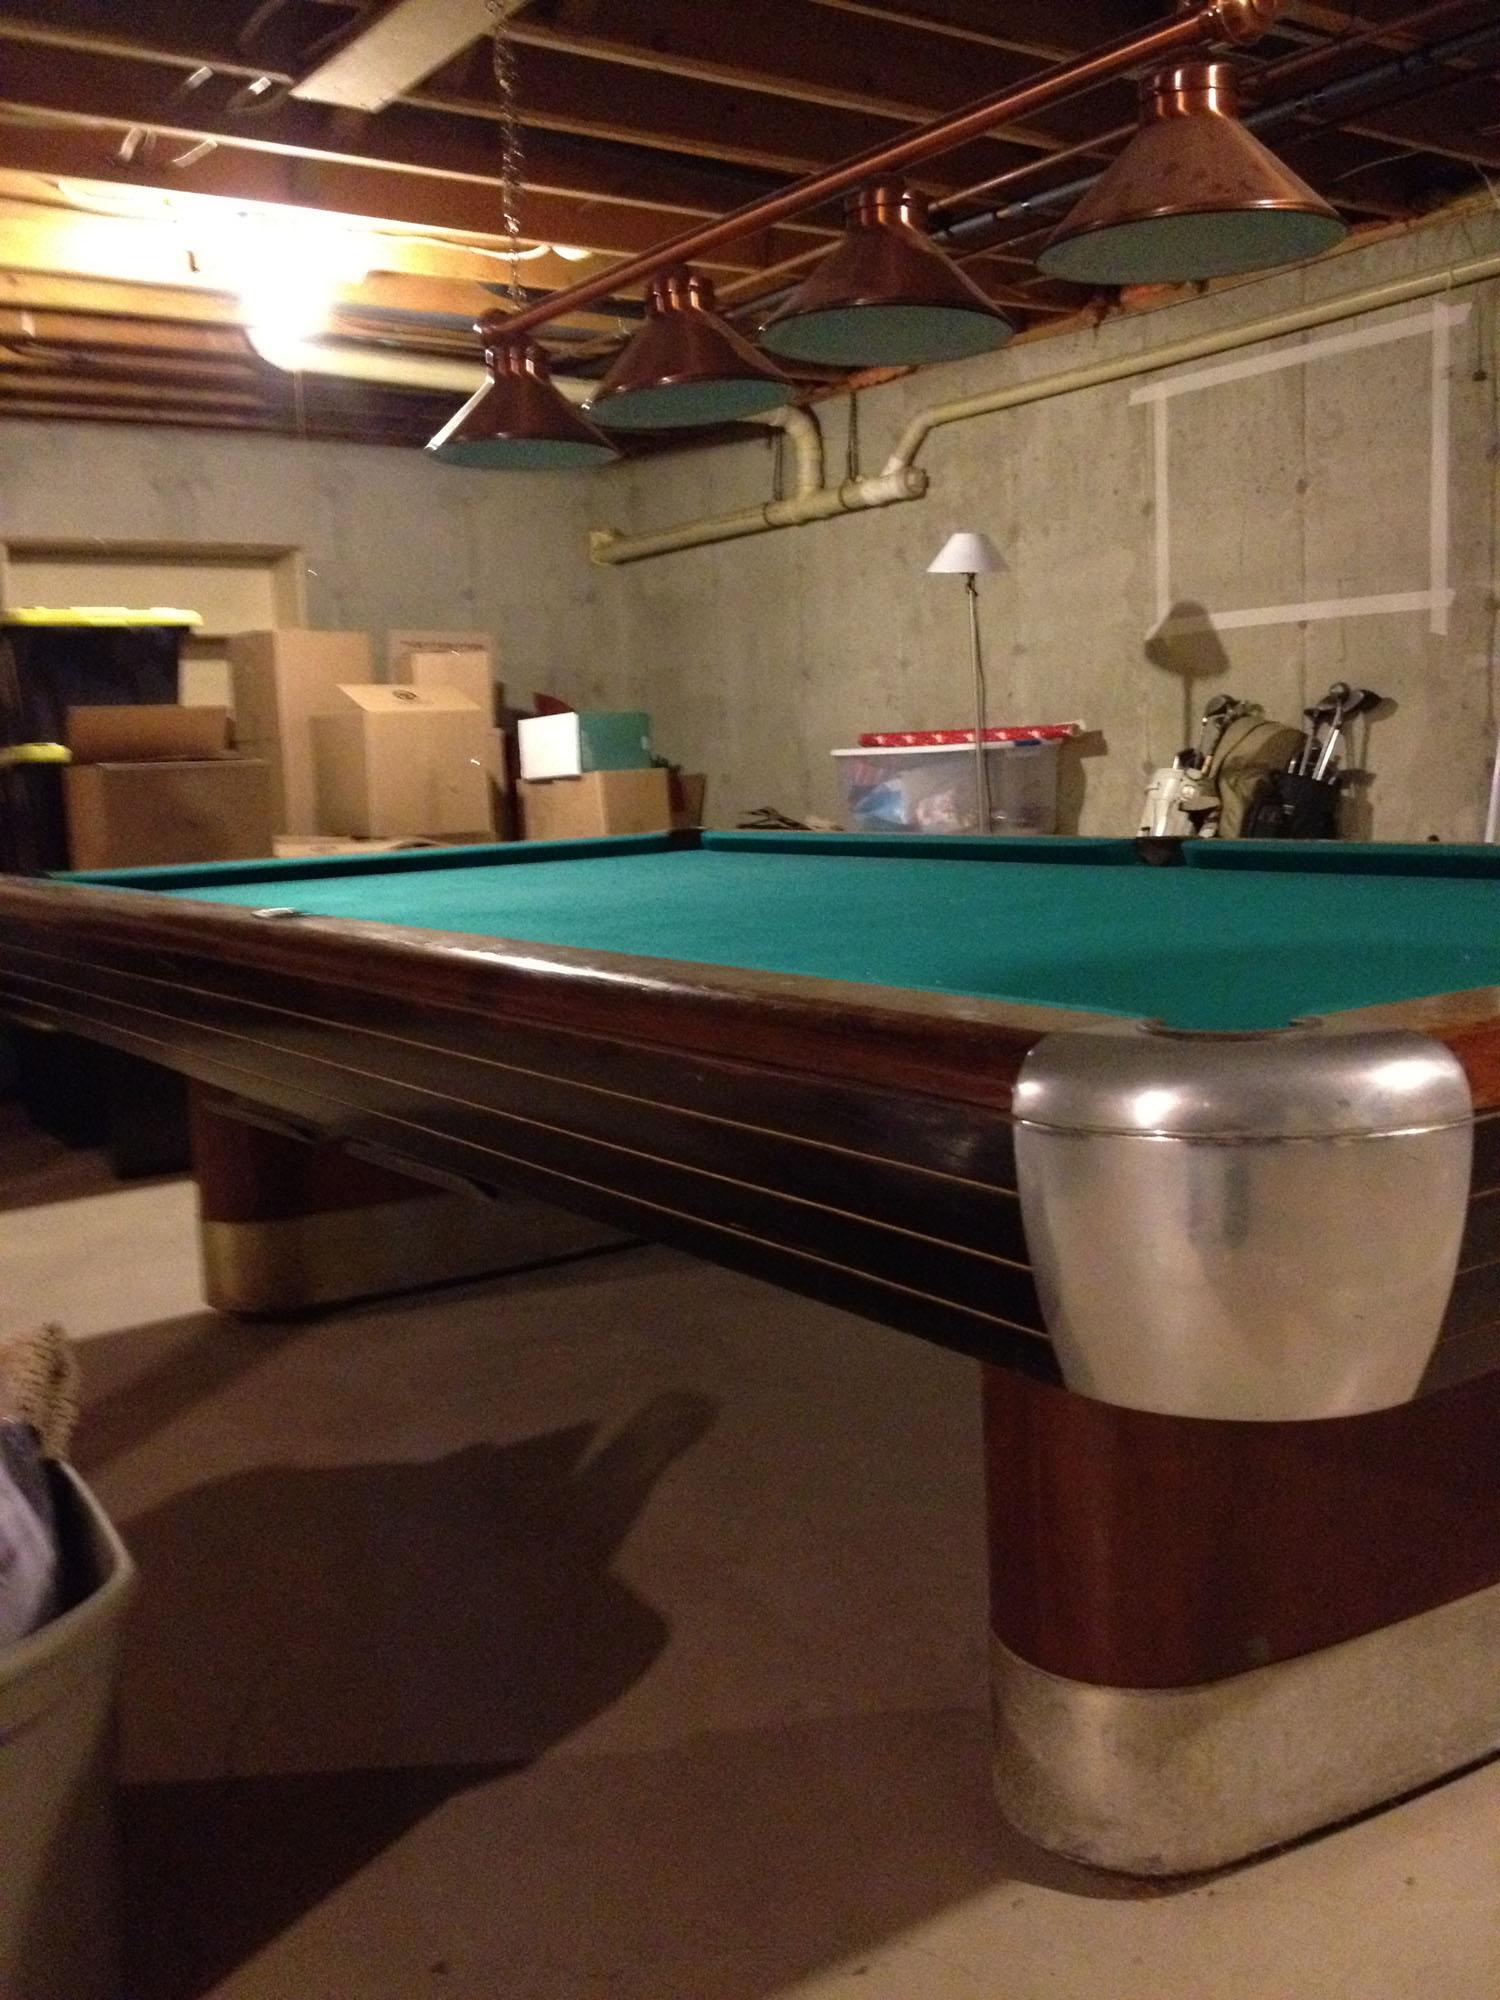 1945 1946 brunswick balke collender 10ft snooker table for for 10 foot snooker table for sale